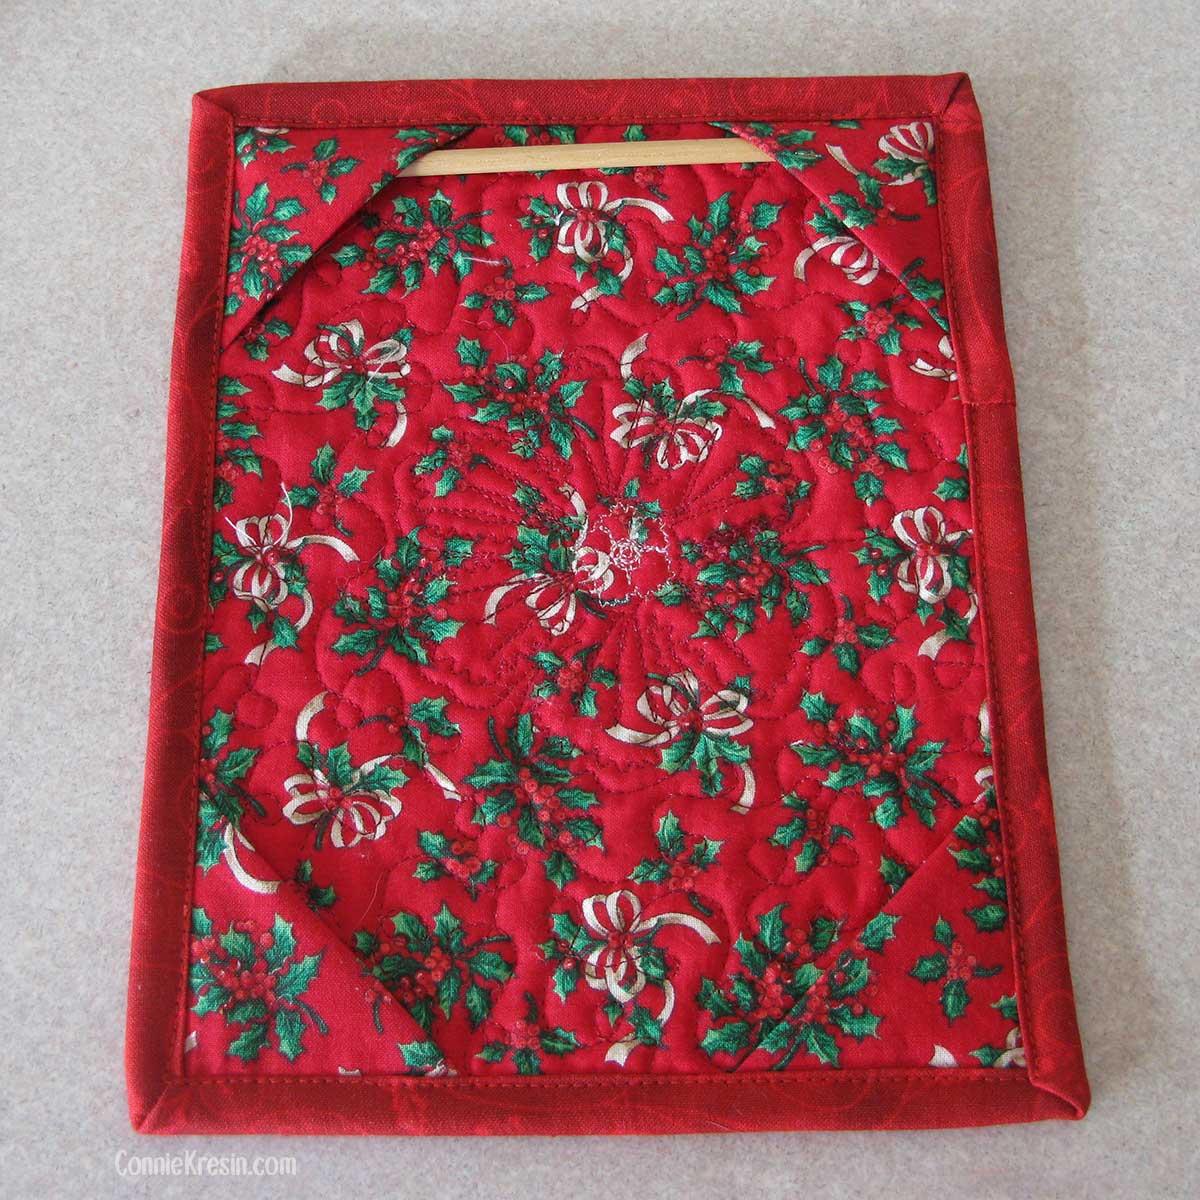 Adding a dowel to the back of the Christmas mug rug